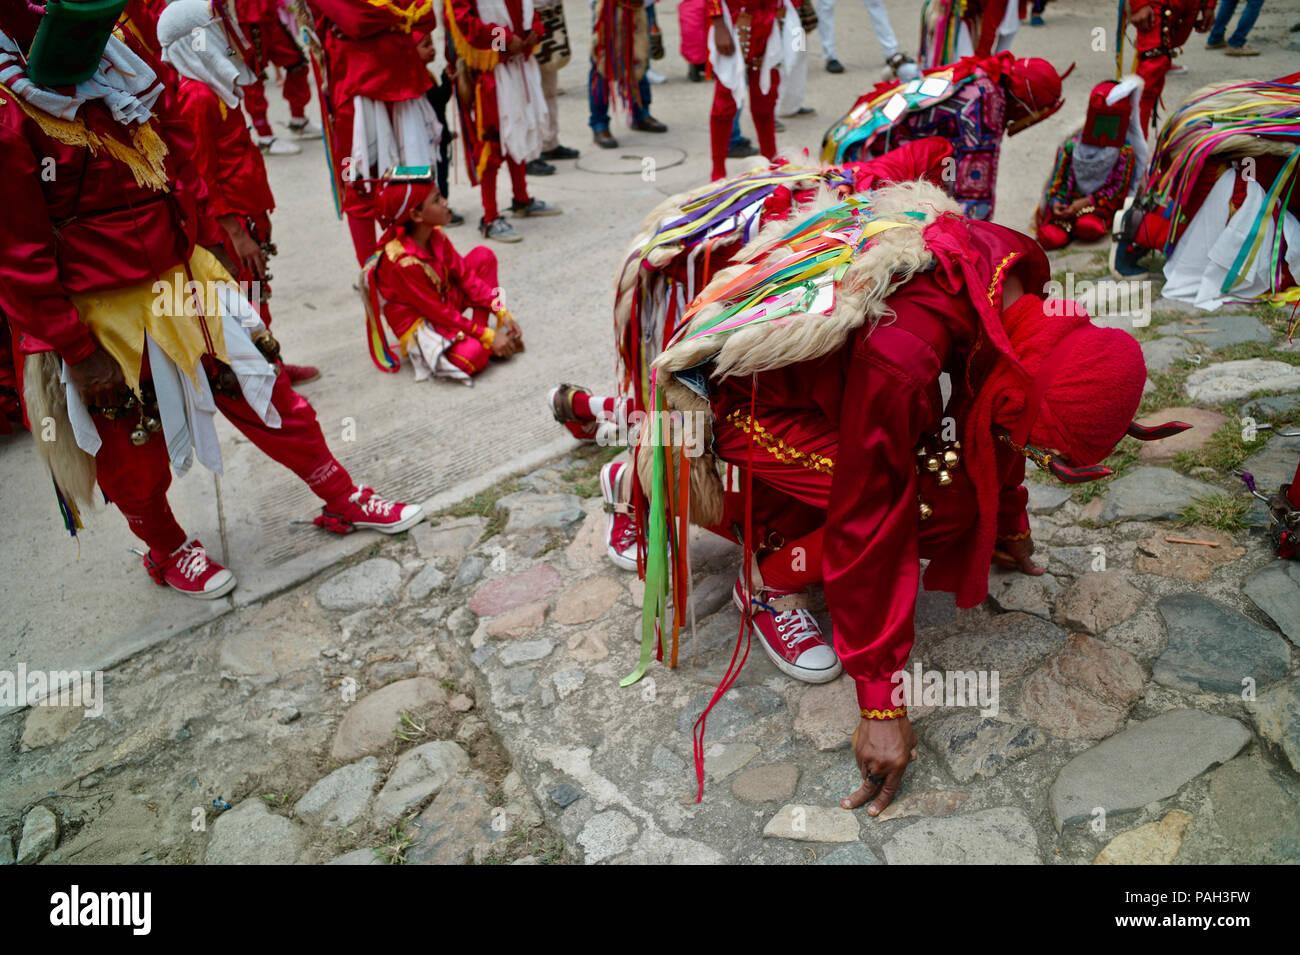 Ai piedi del colle del cime innevate della Sierra Nevada, entro il Kankuamo indiani territorio una coloratissima celebrazione della festa cristiana di Co Immagini Stock